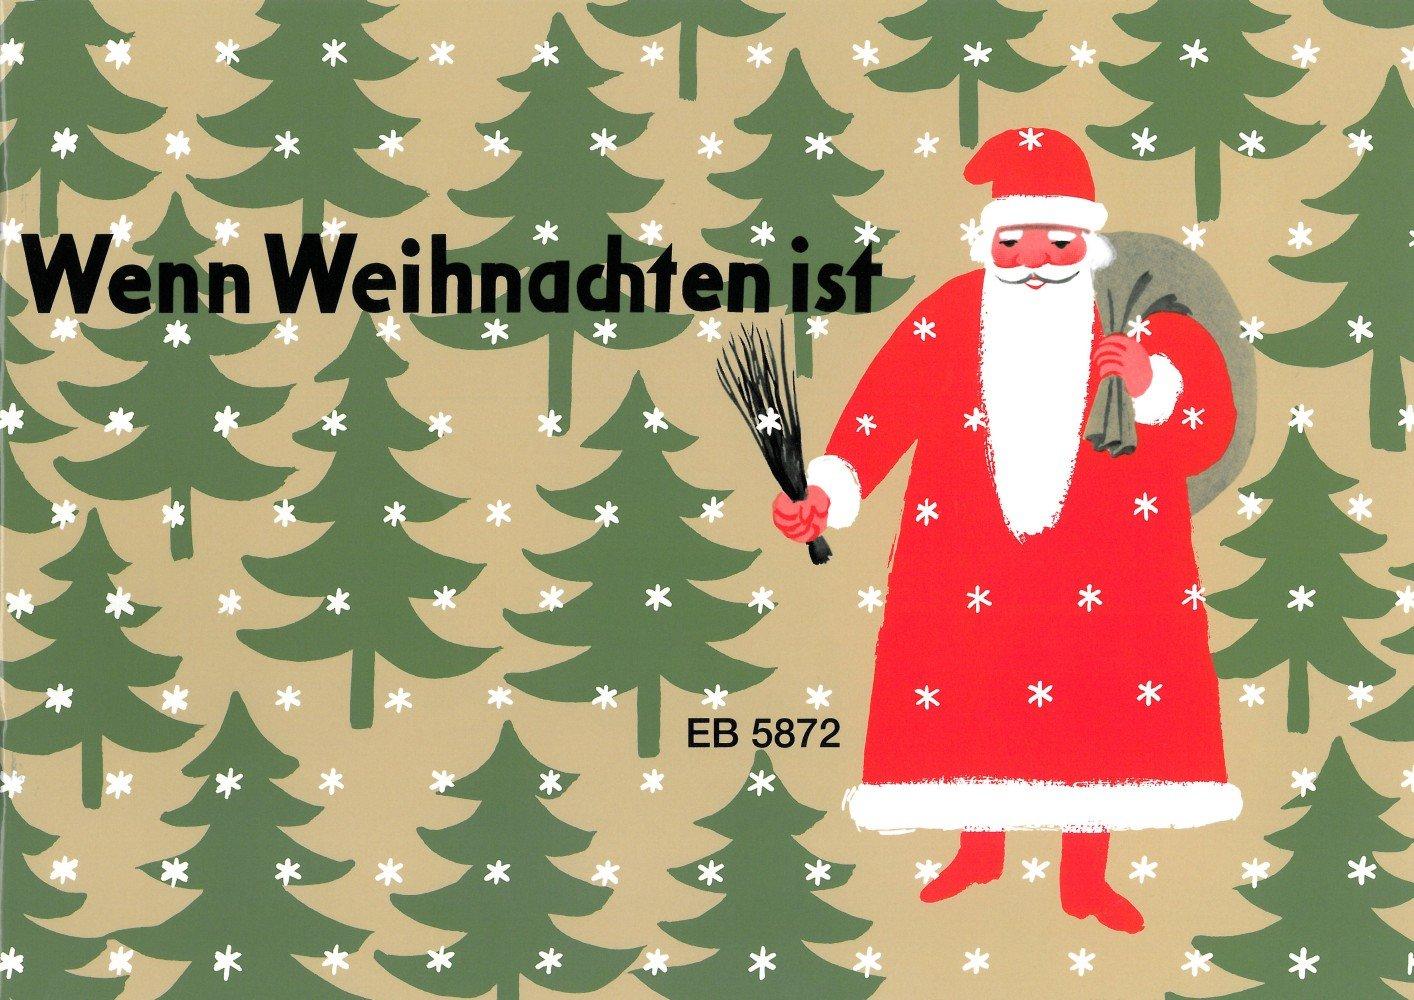 Wenn Weihnachten ist für Klavier (EB 5872): Amazon.de: S. Köhler ...